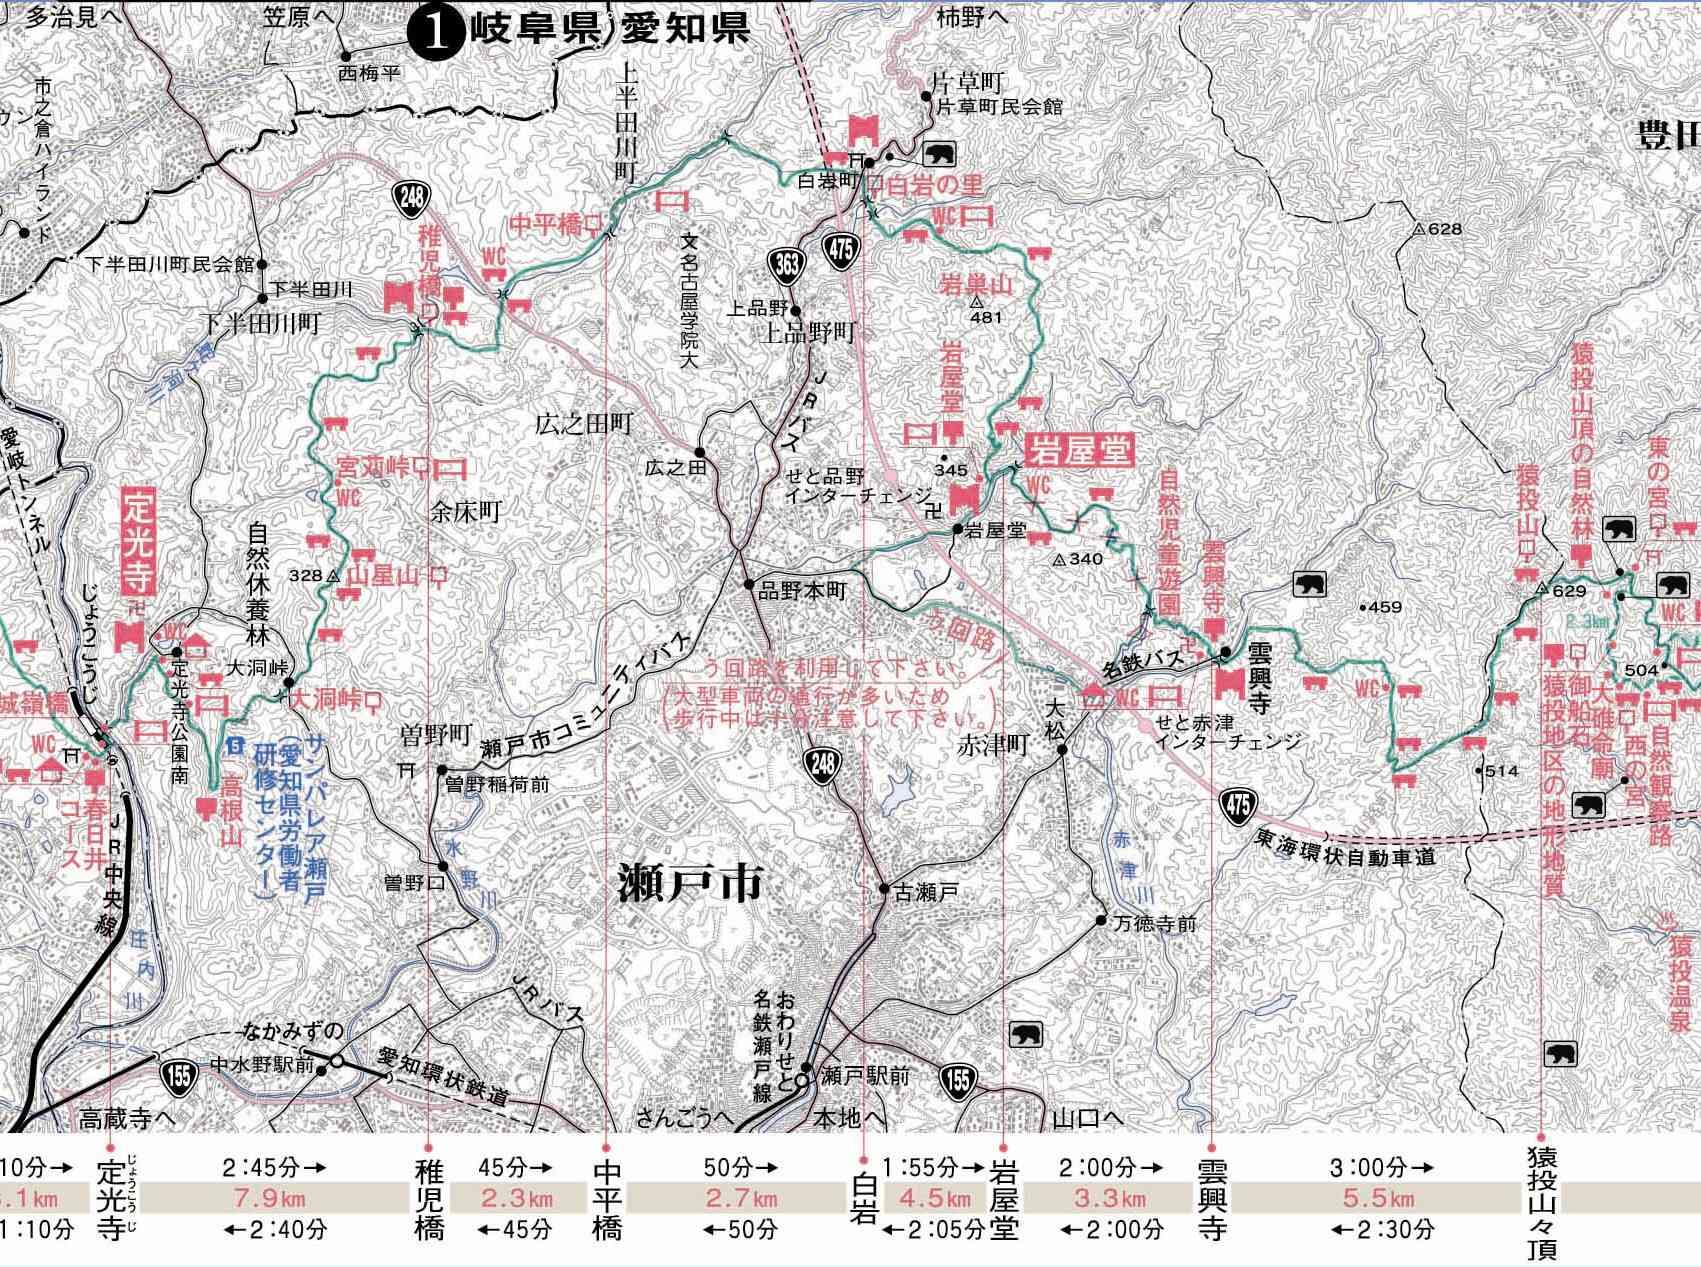 自転車の 春日井 自転車 公園 : http://www.pref.aichi.jp/kankyo/sizen-ka ...